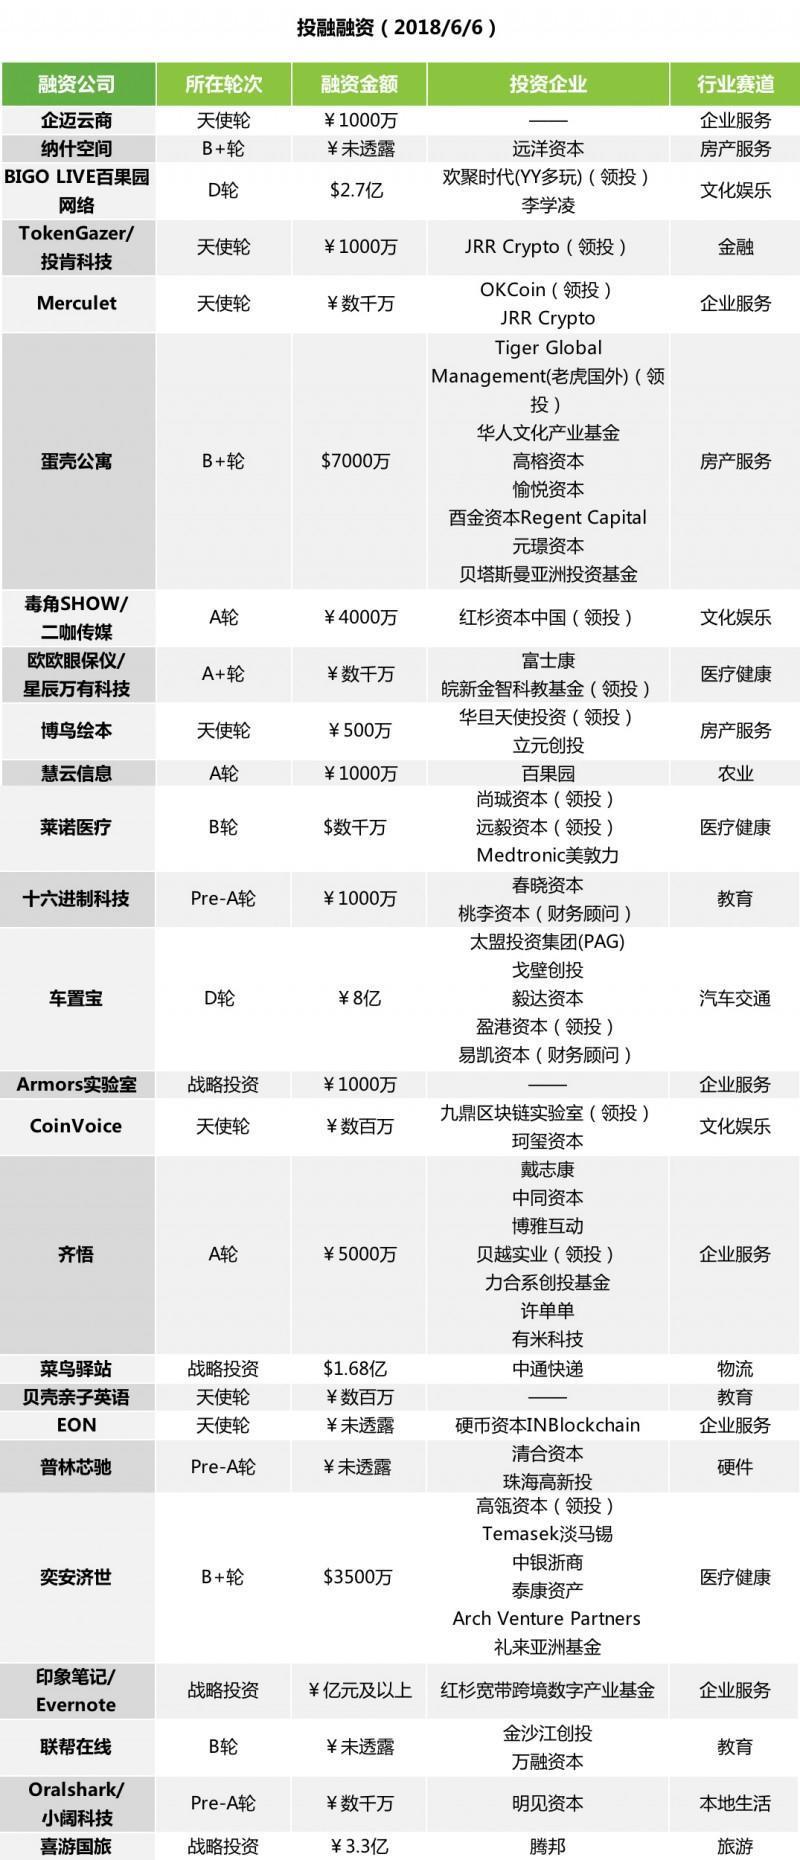 数据运营丨投融快讯 | 中通1.68亿美元投资菜鸟驿站 车置宝完成8亿元人民币D轮融资